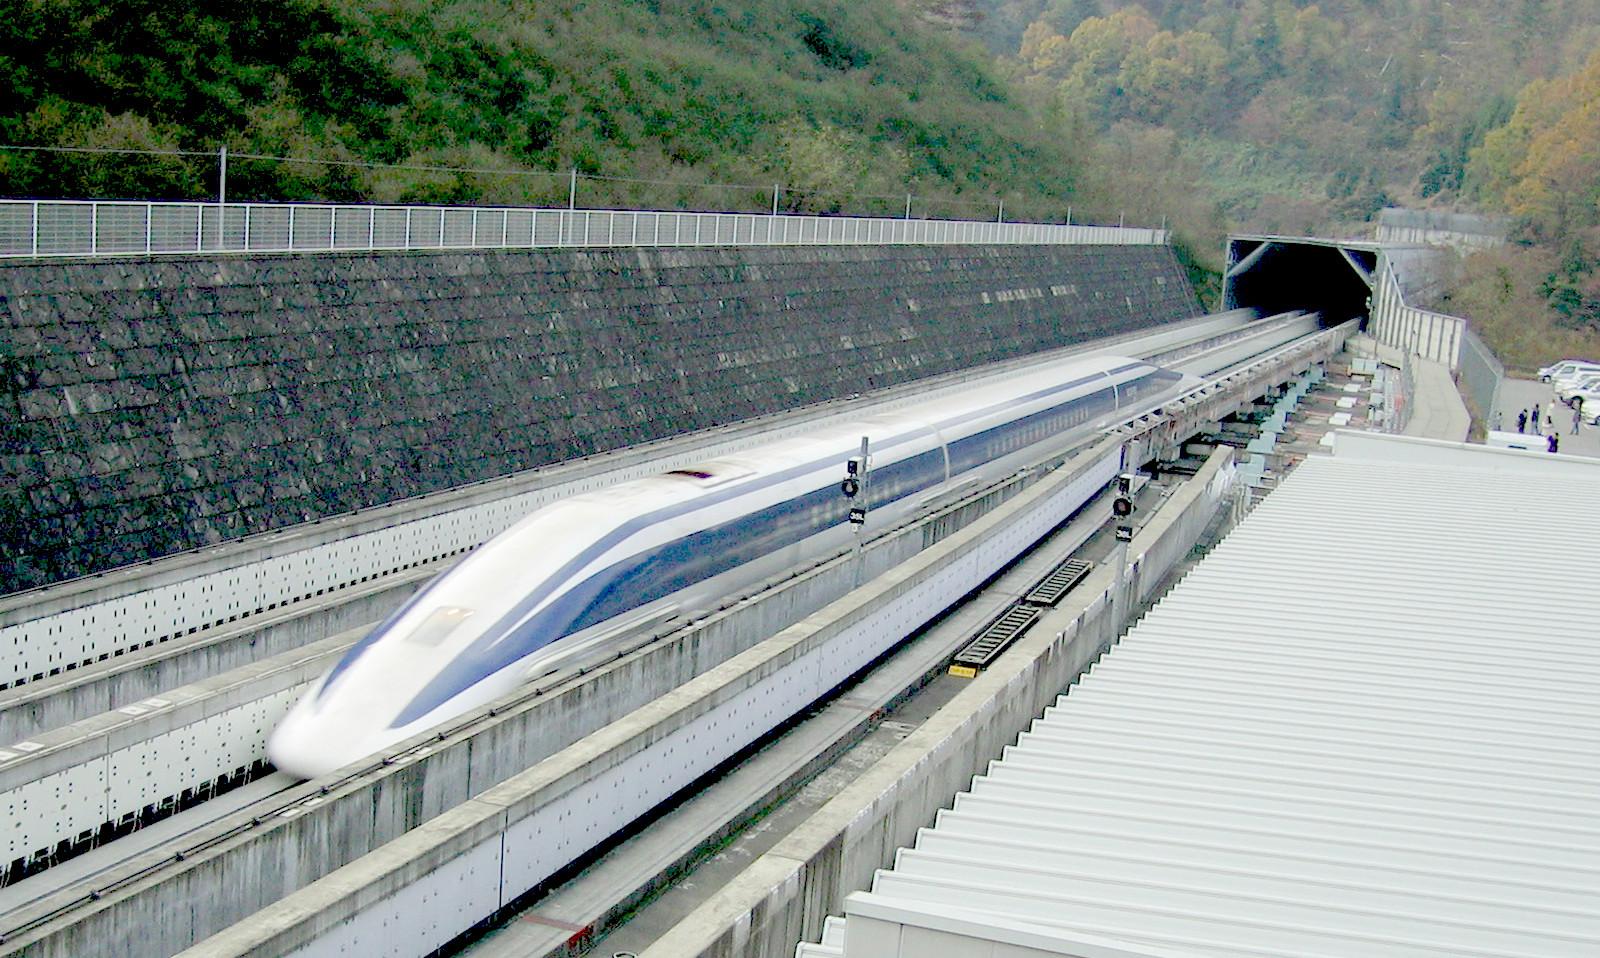 Prototipo de maglev japonés en la línea de pruebas de Yamanashi. Foto: Yosemite.